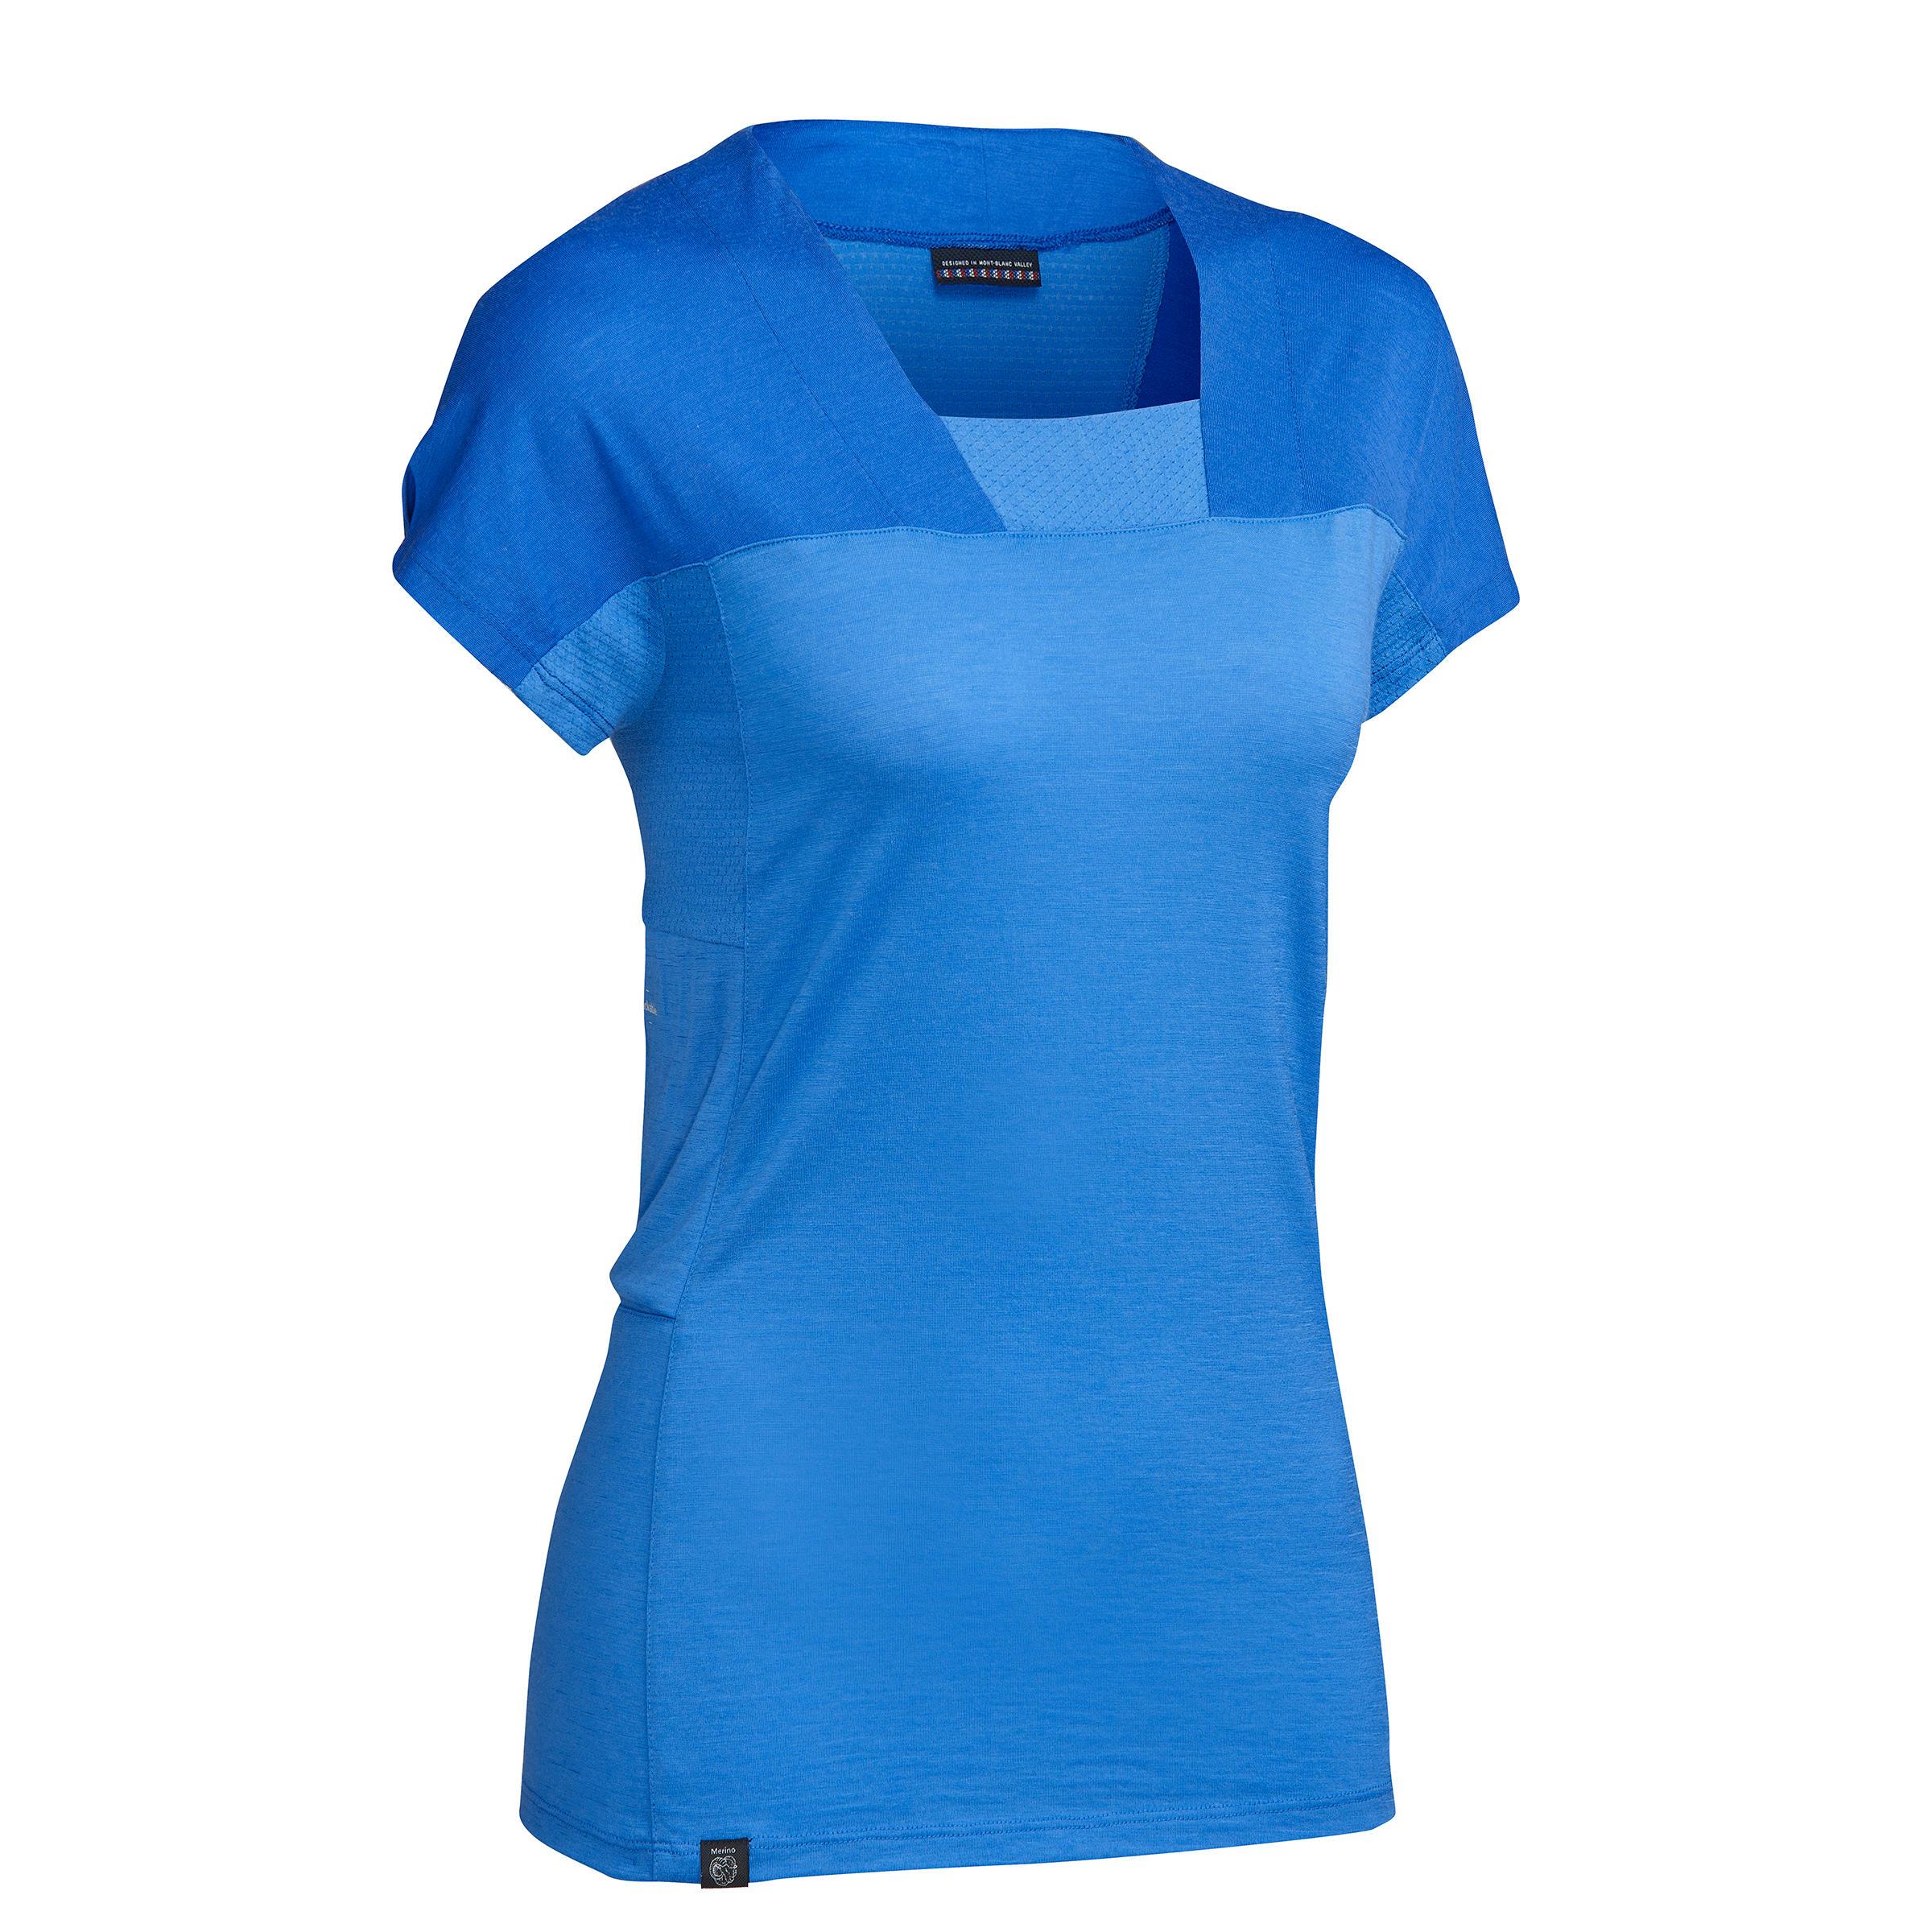 Women's blue merino...